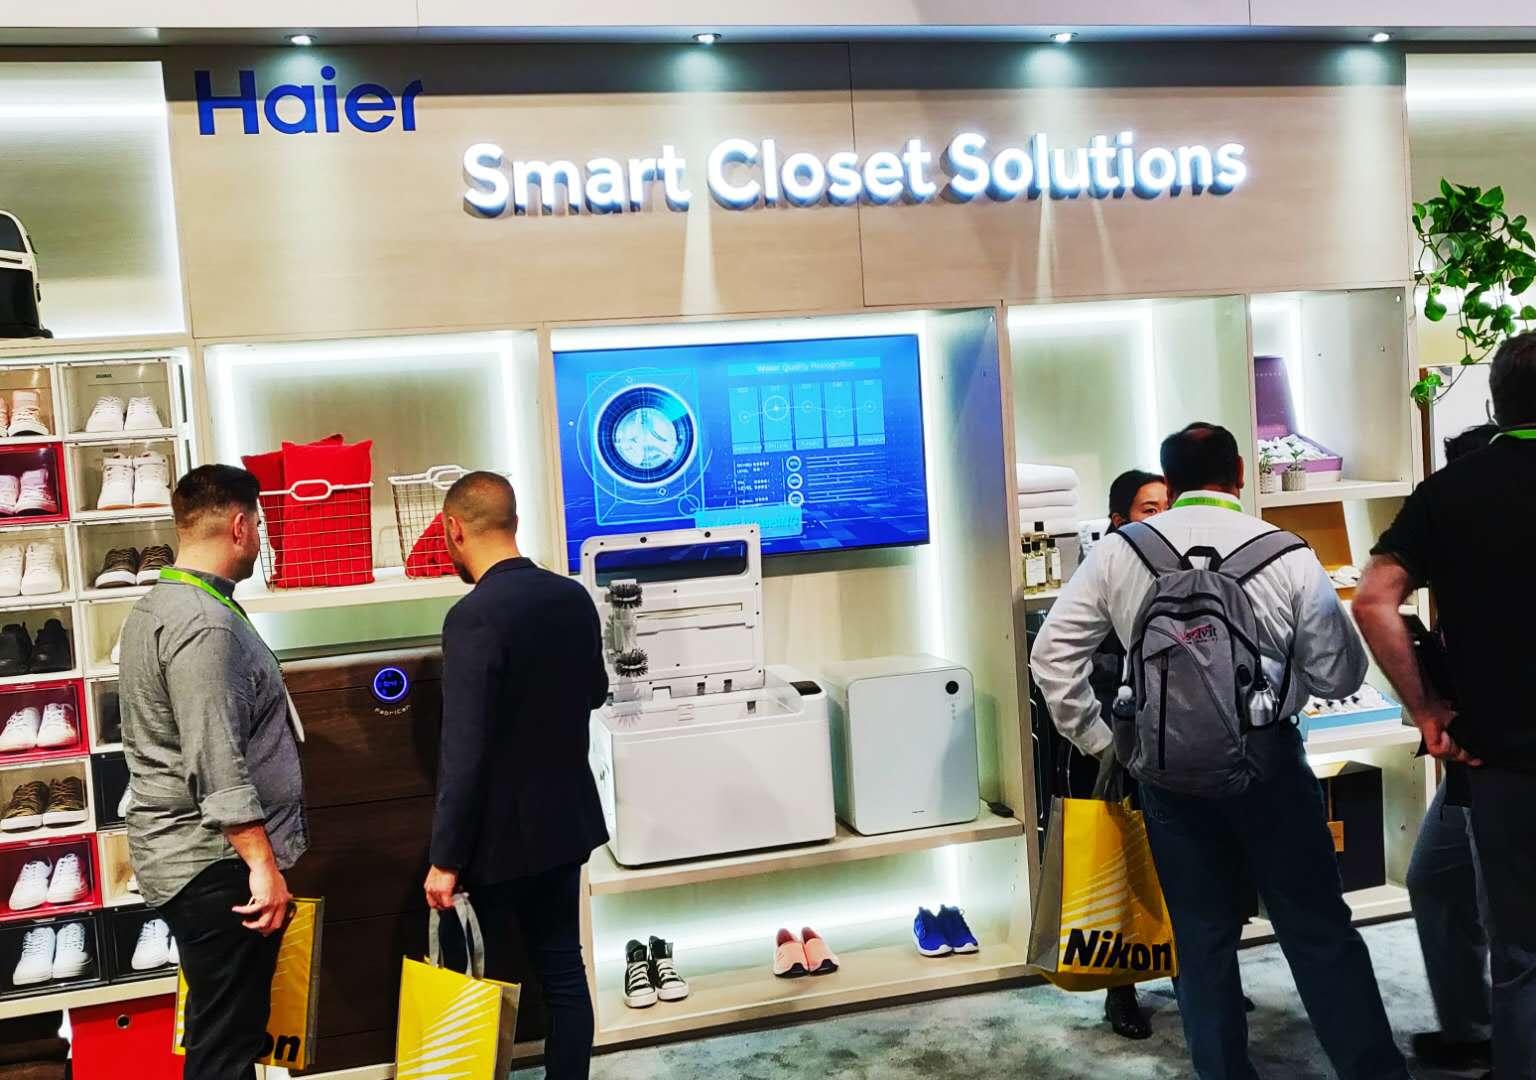 海尔衣联网CES展示全套解决方案∶从衣物到鞋靴